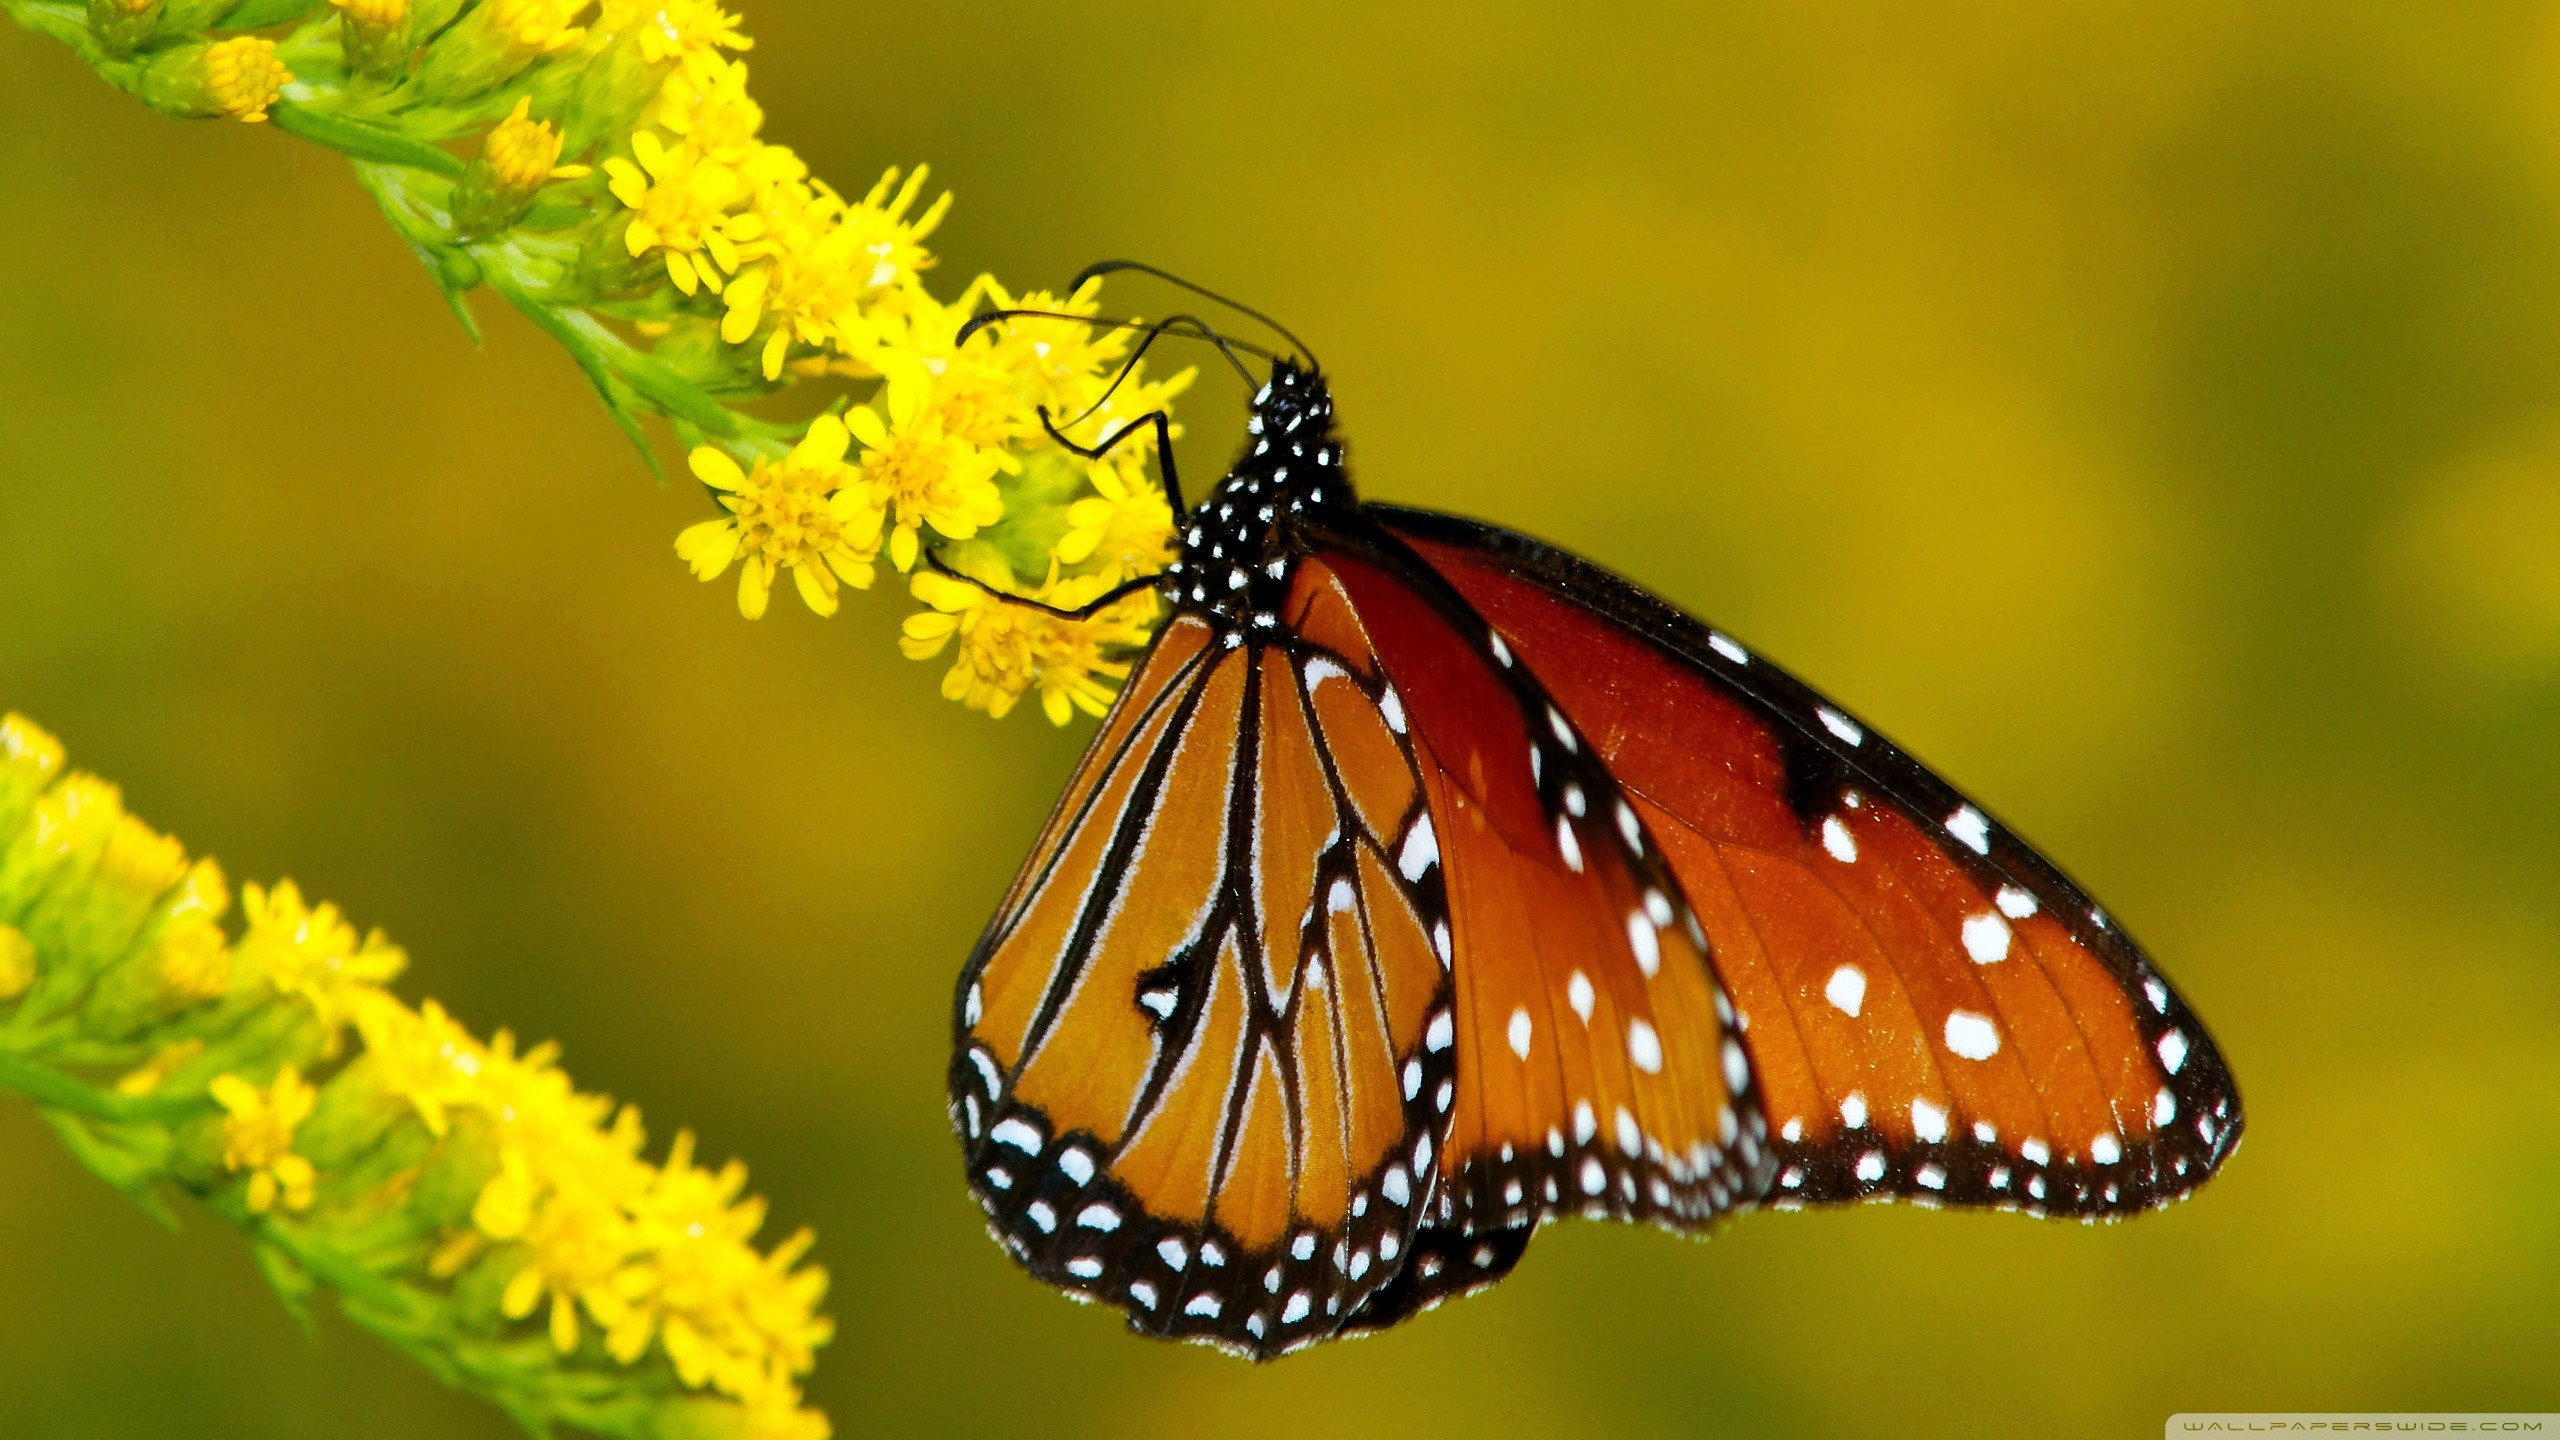 Res: 2560x1440, Butterfly Wallpaper Widescreen